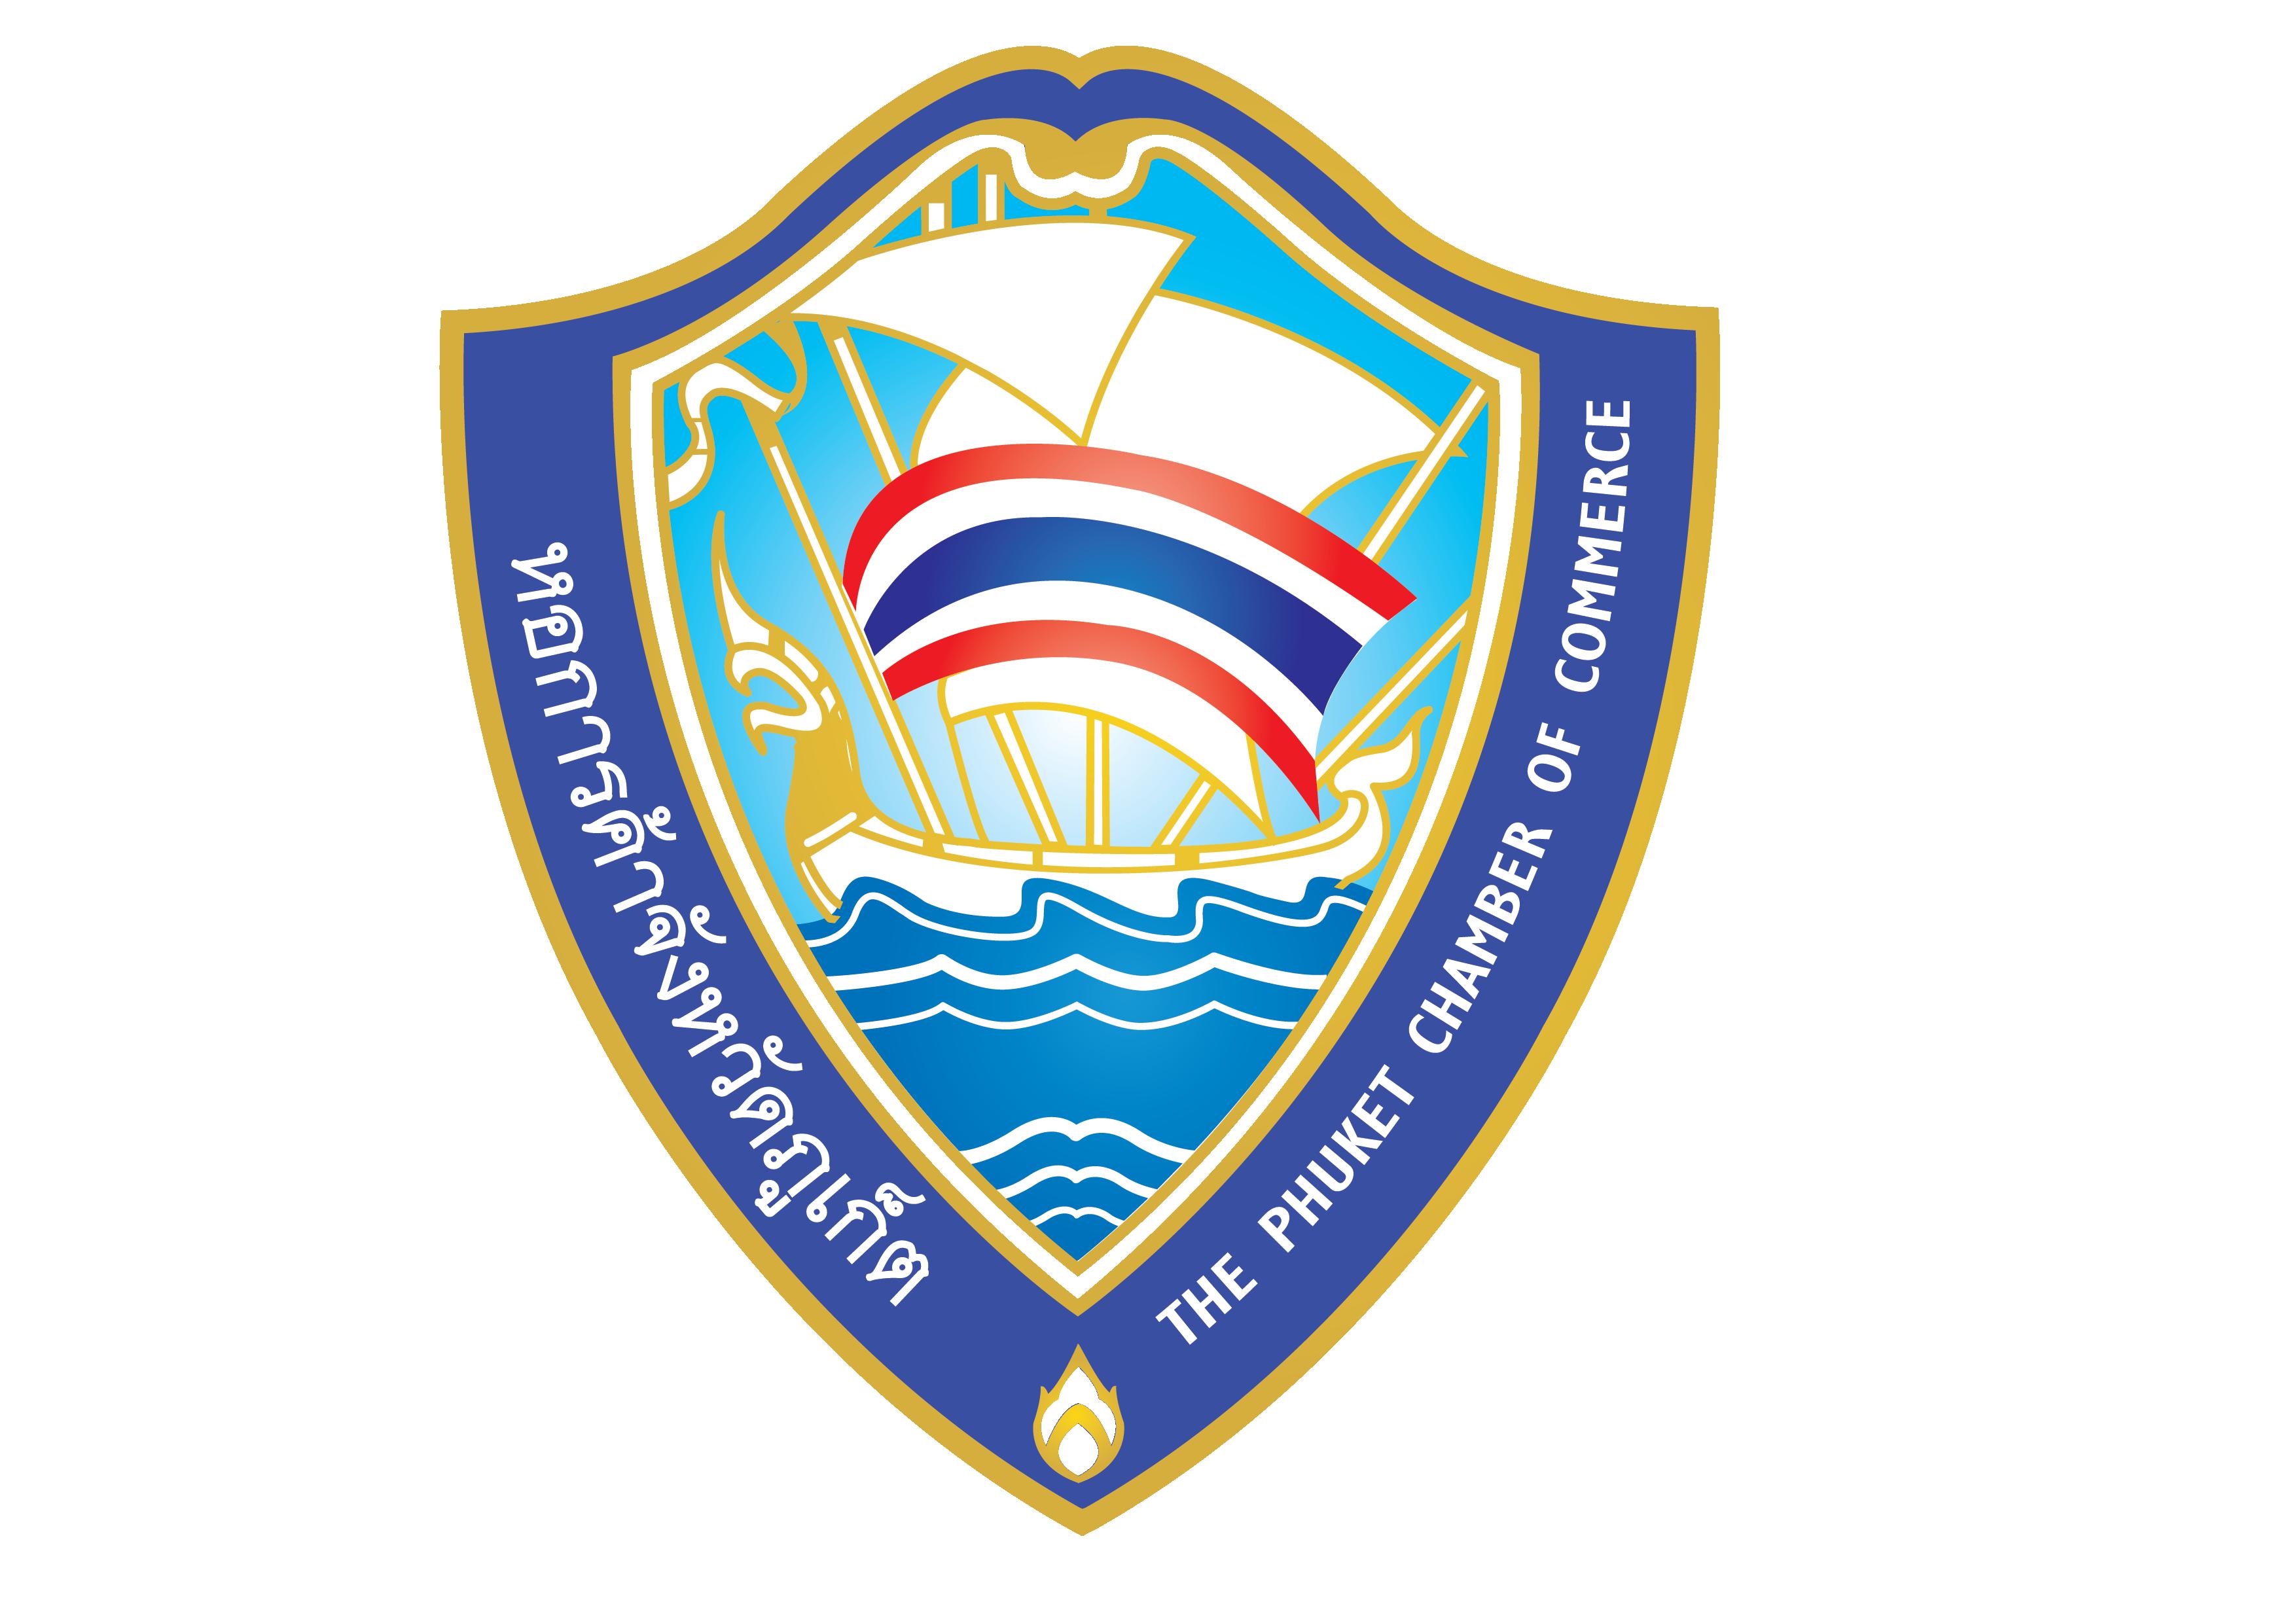 Phuket Chamber